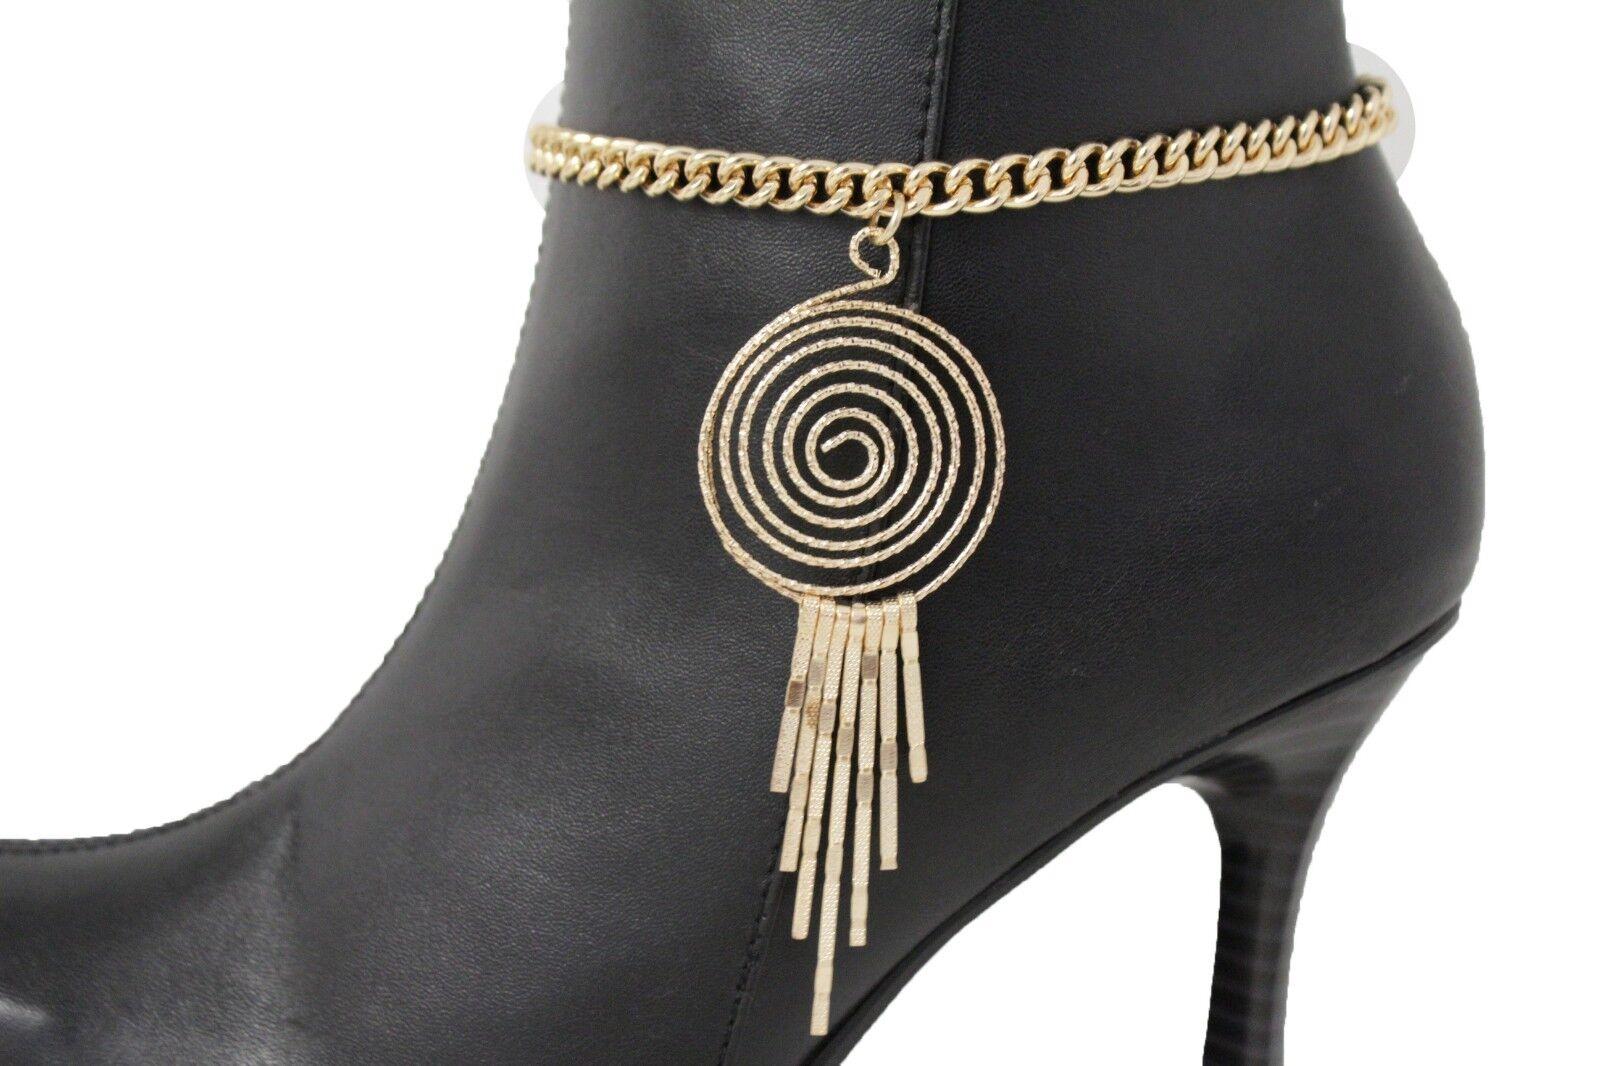 Sexy Women Gold Chain Boot Bracelet Shoe Swirl Charm Dressy Bling Fringer Urban